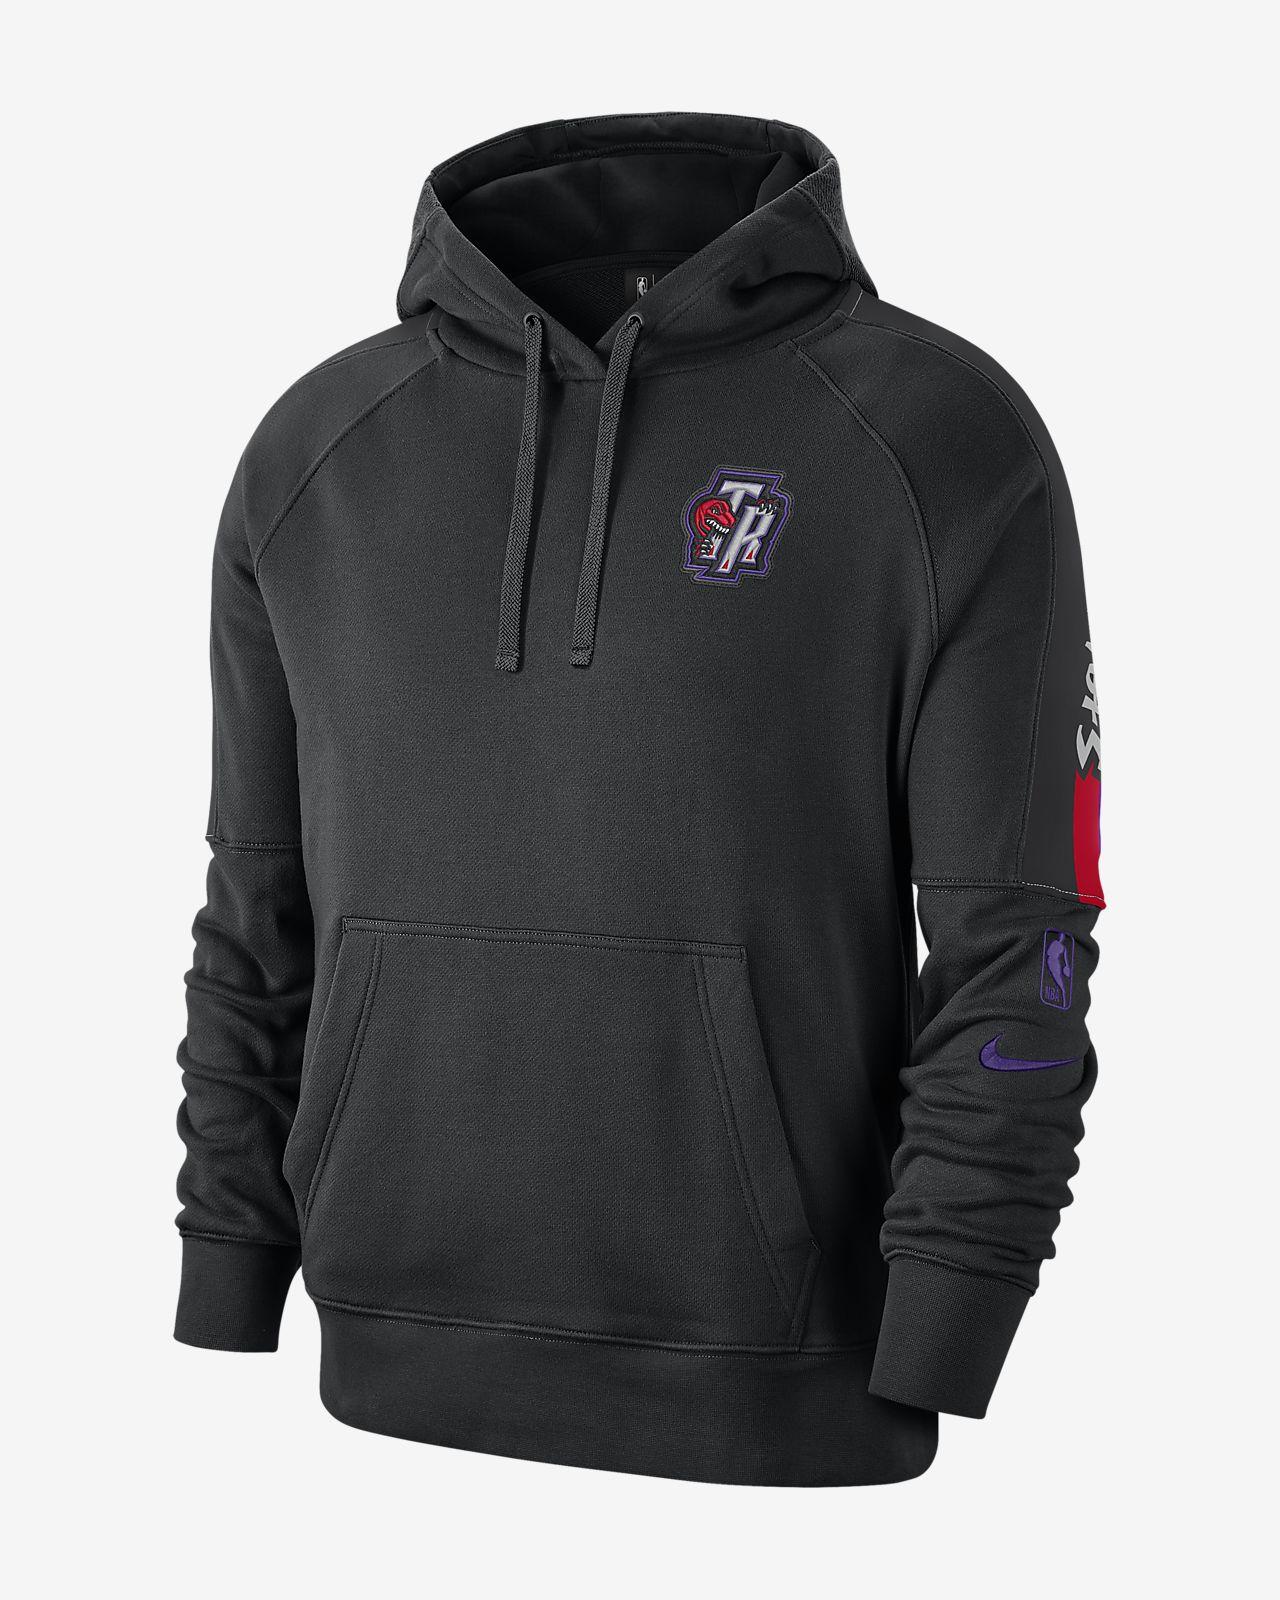 Raptors Courtside Classic Edition Nike NBA-hoodie voor heren